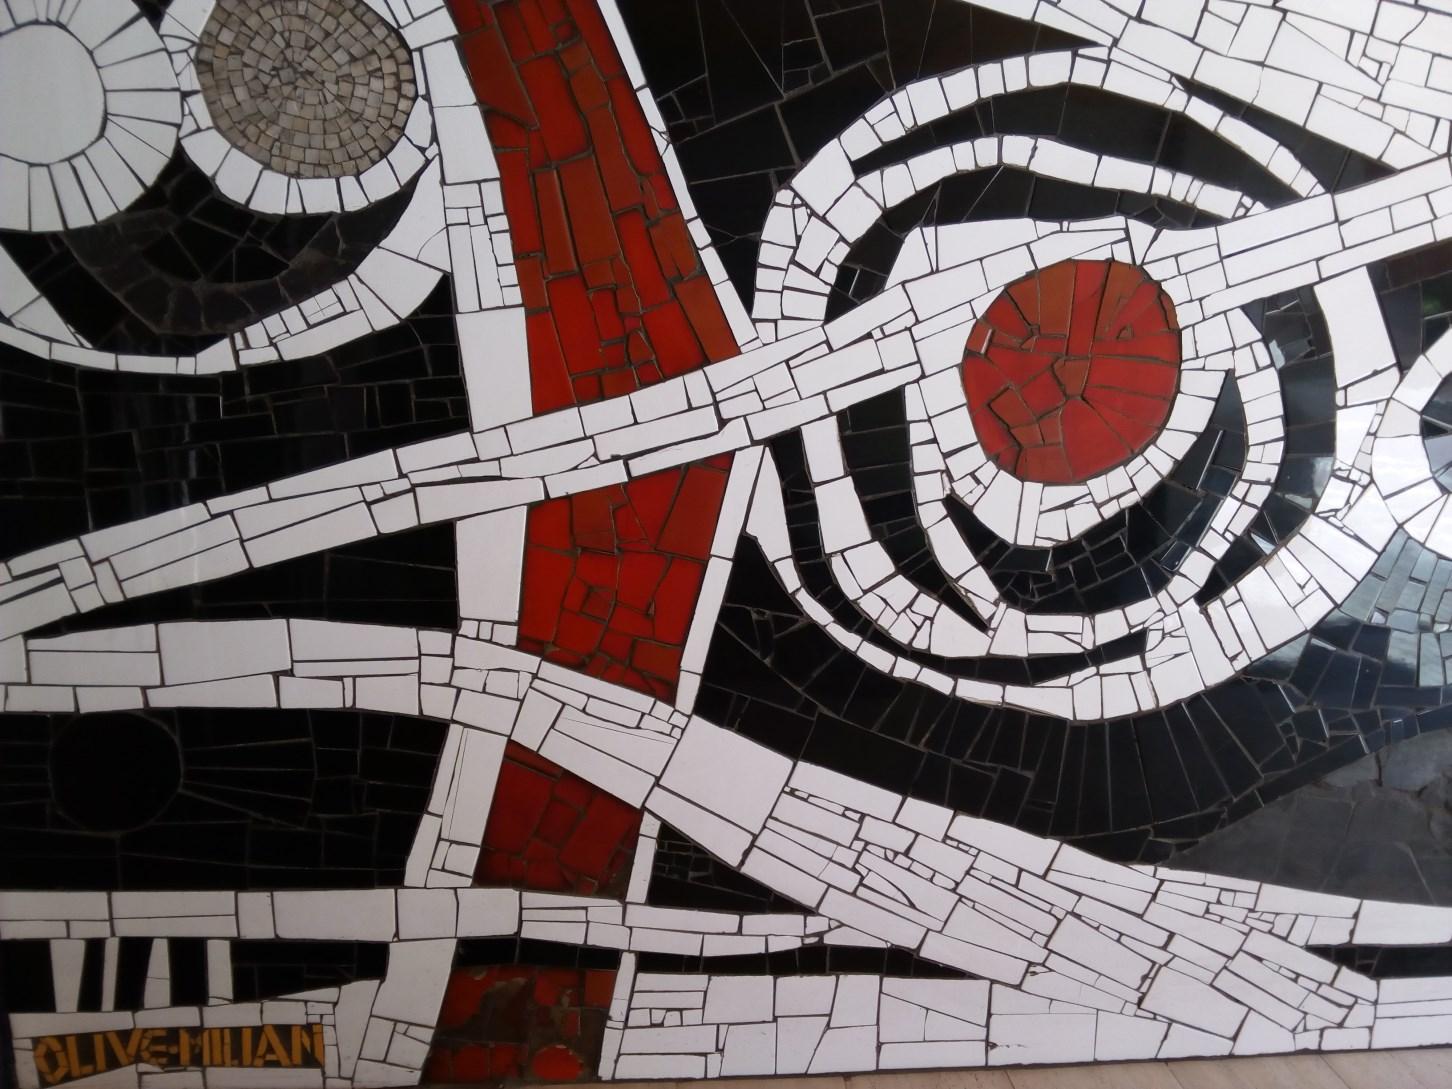 Tessel·la/trencadís, carrer de Ballester, 3-5 (Foto: anònim)